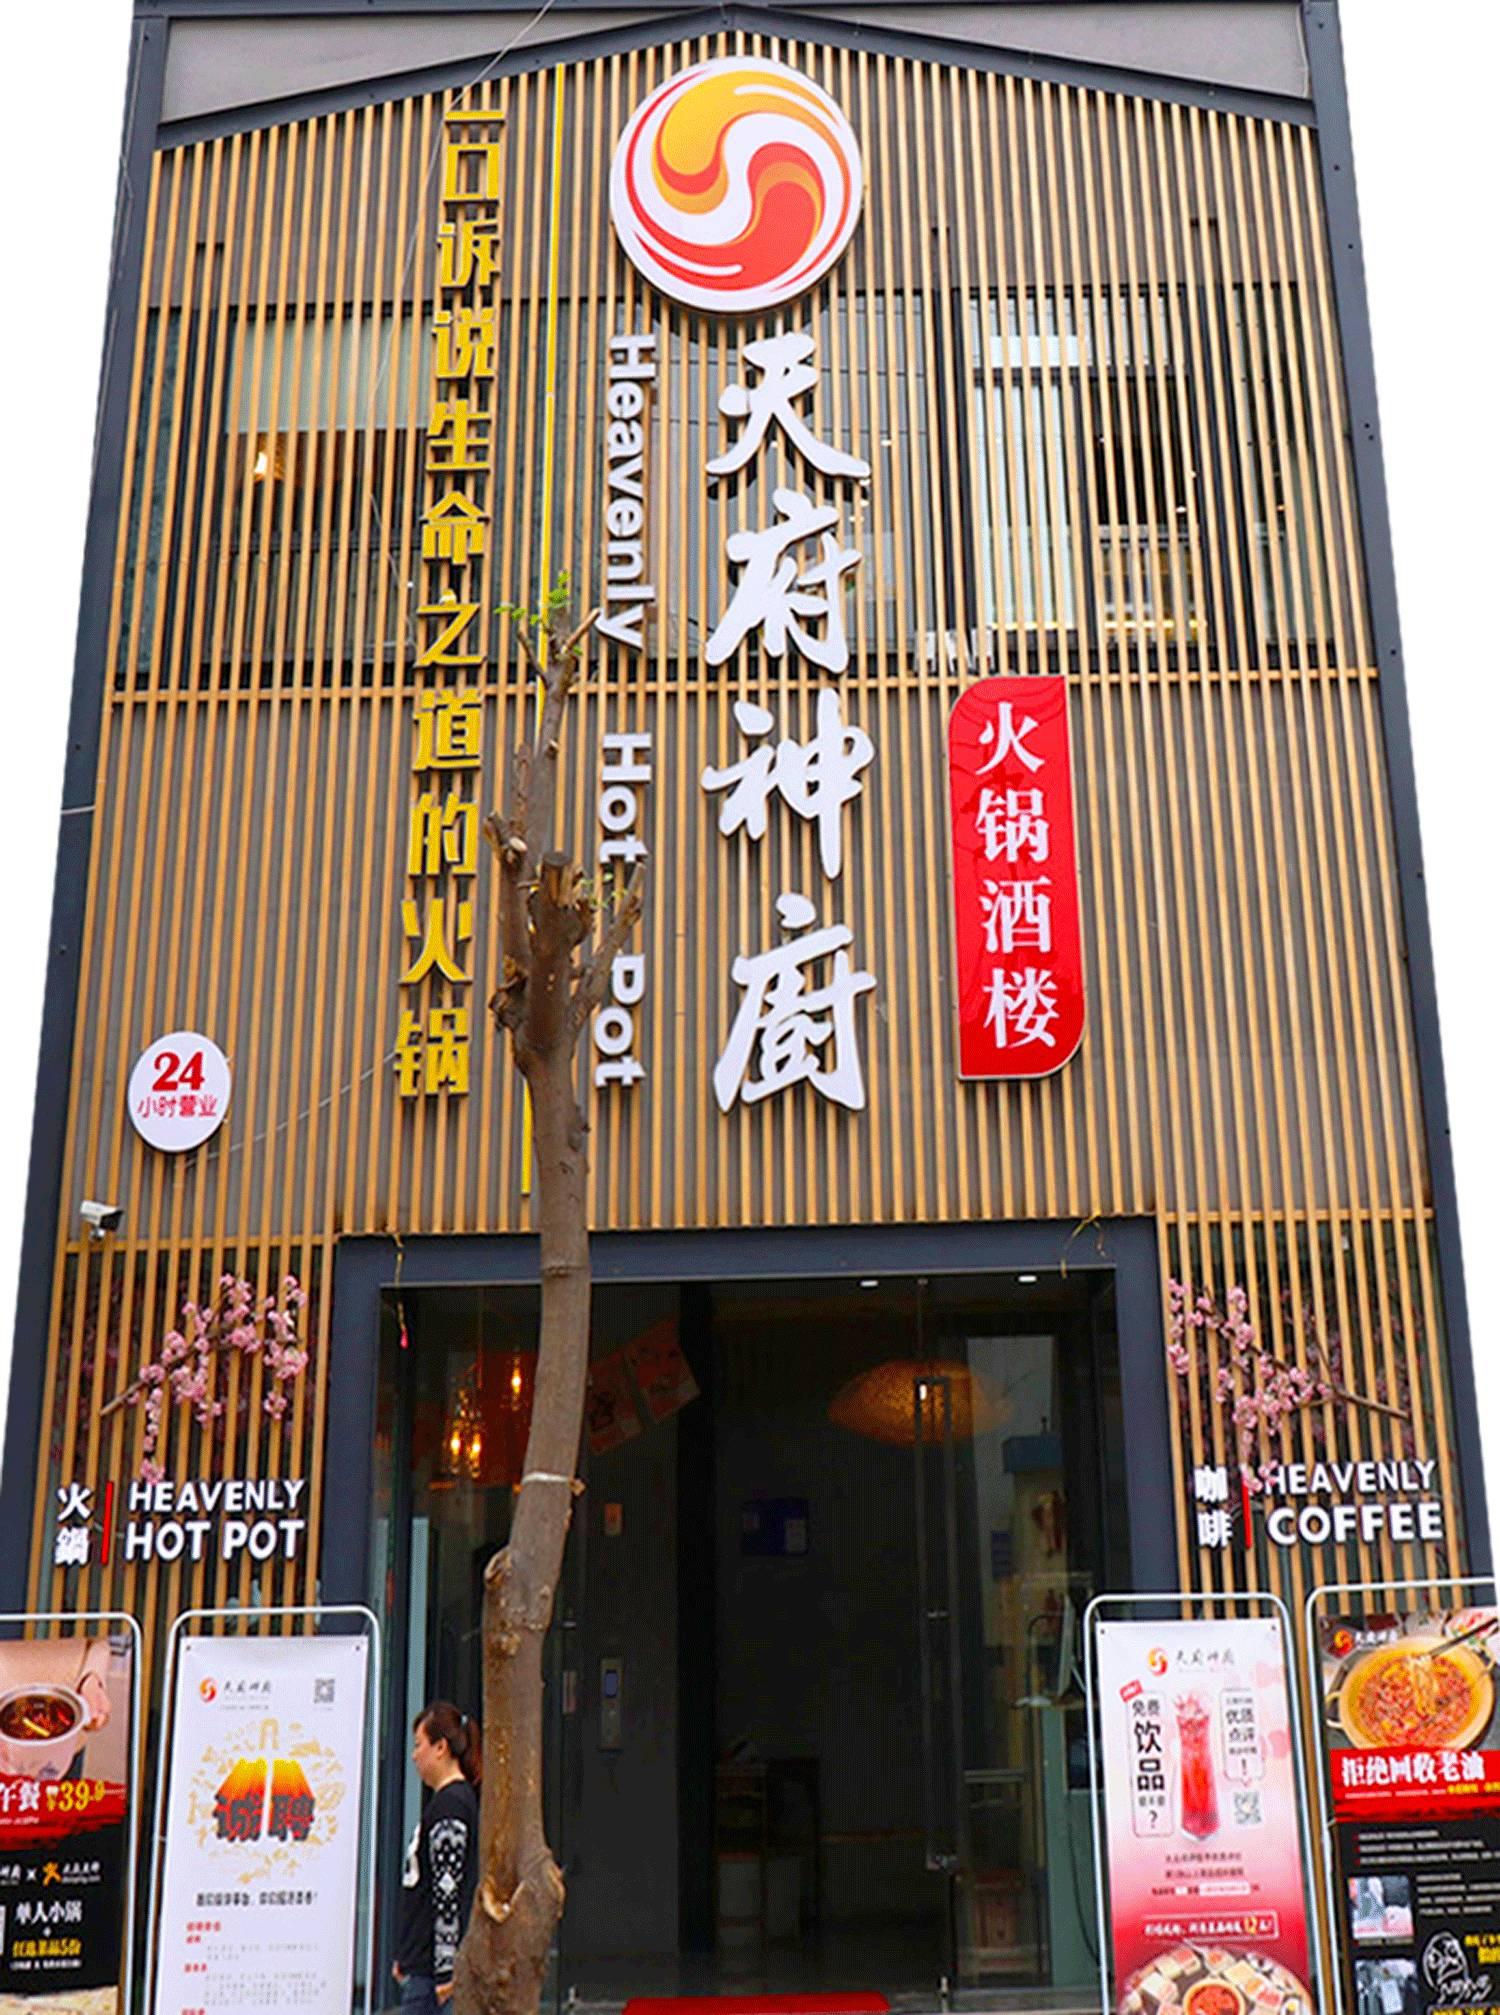 只要12元!就可以在豪装1000万的网红火锅店吃到爽翻!